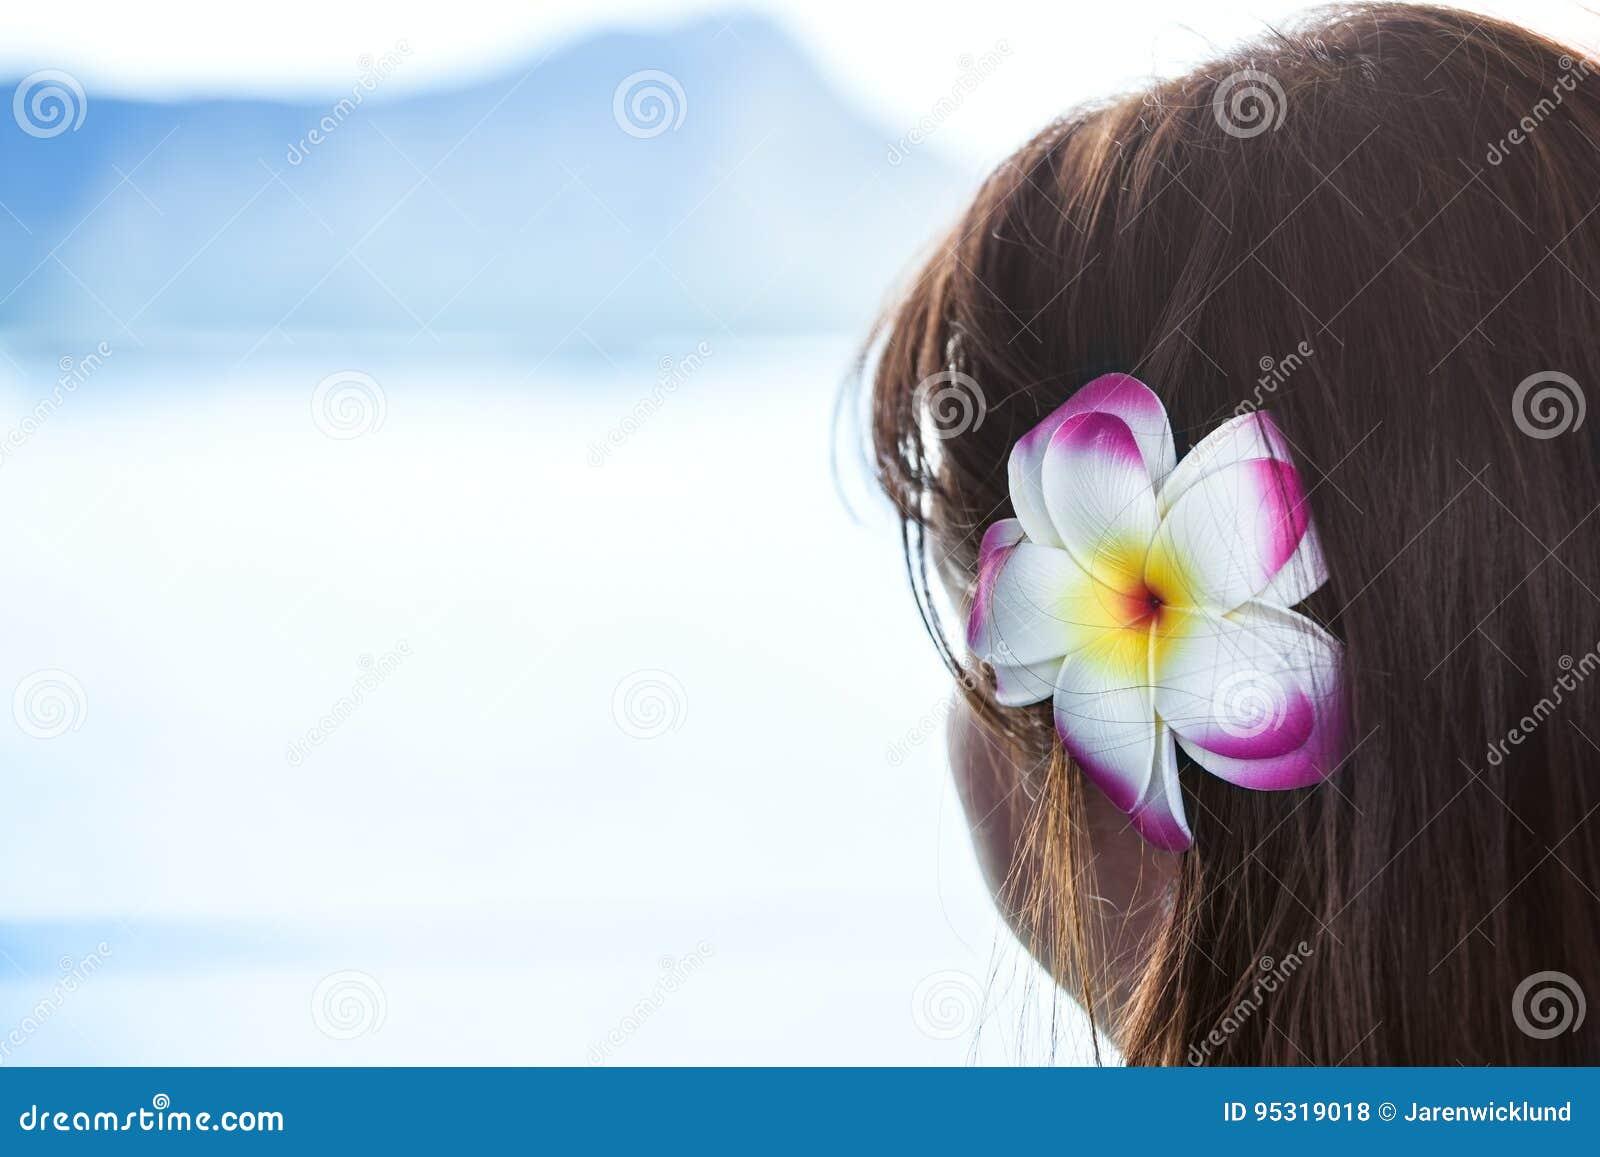 Dark haired girl wearing Hawaiian flower looking at ocean view